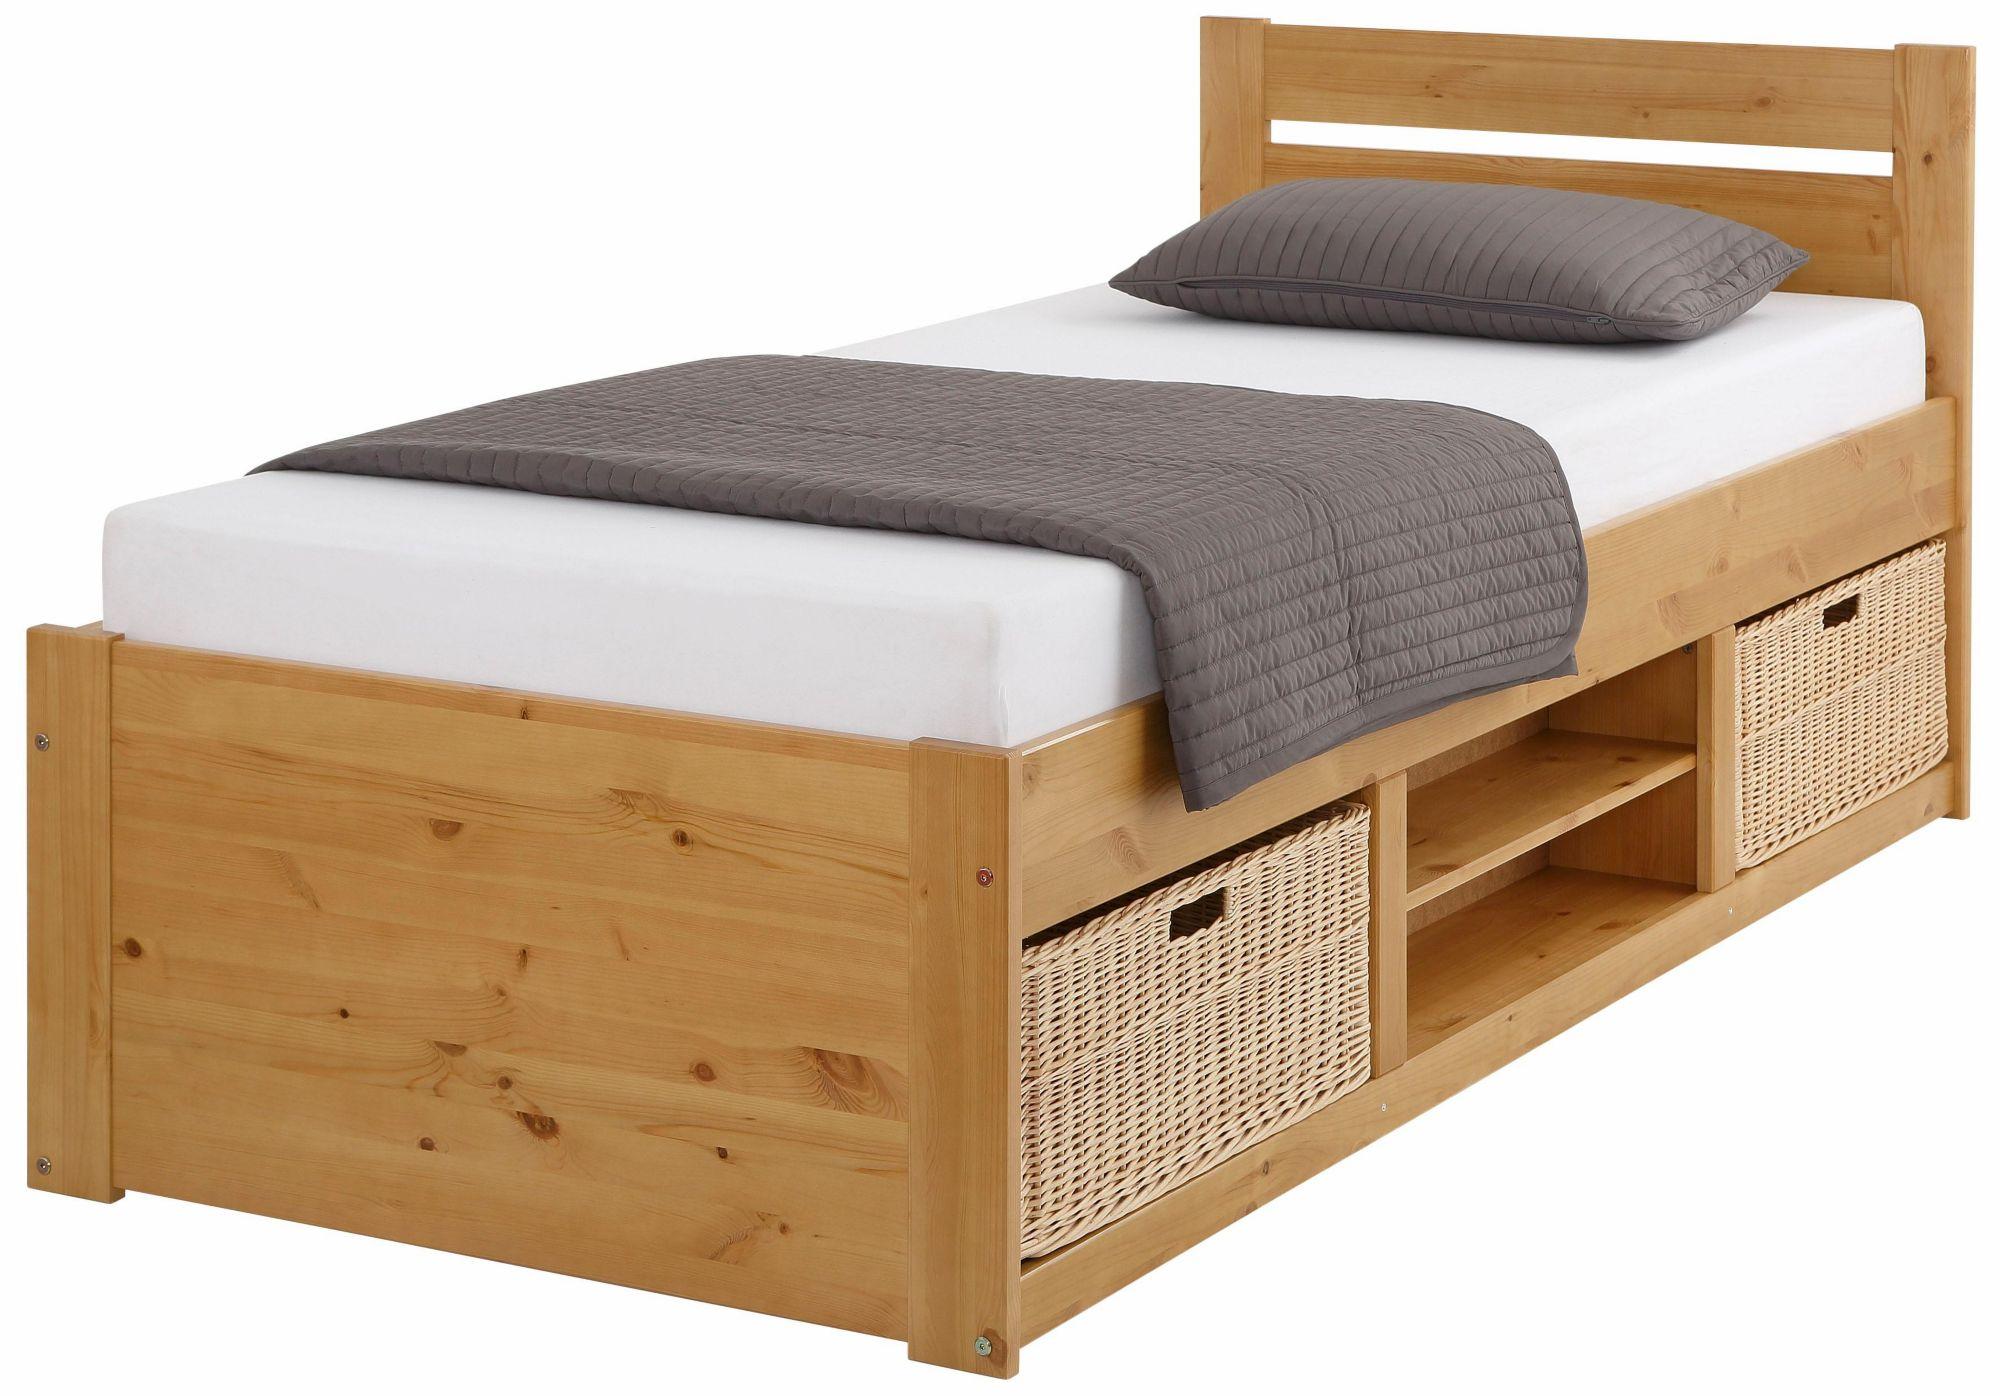 Bett home g nstig online kaufen beim schwab versand for Stauraum bett 100x200